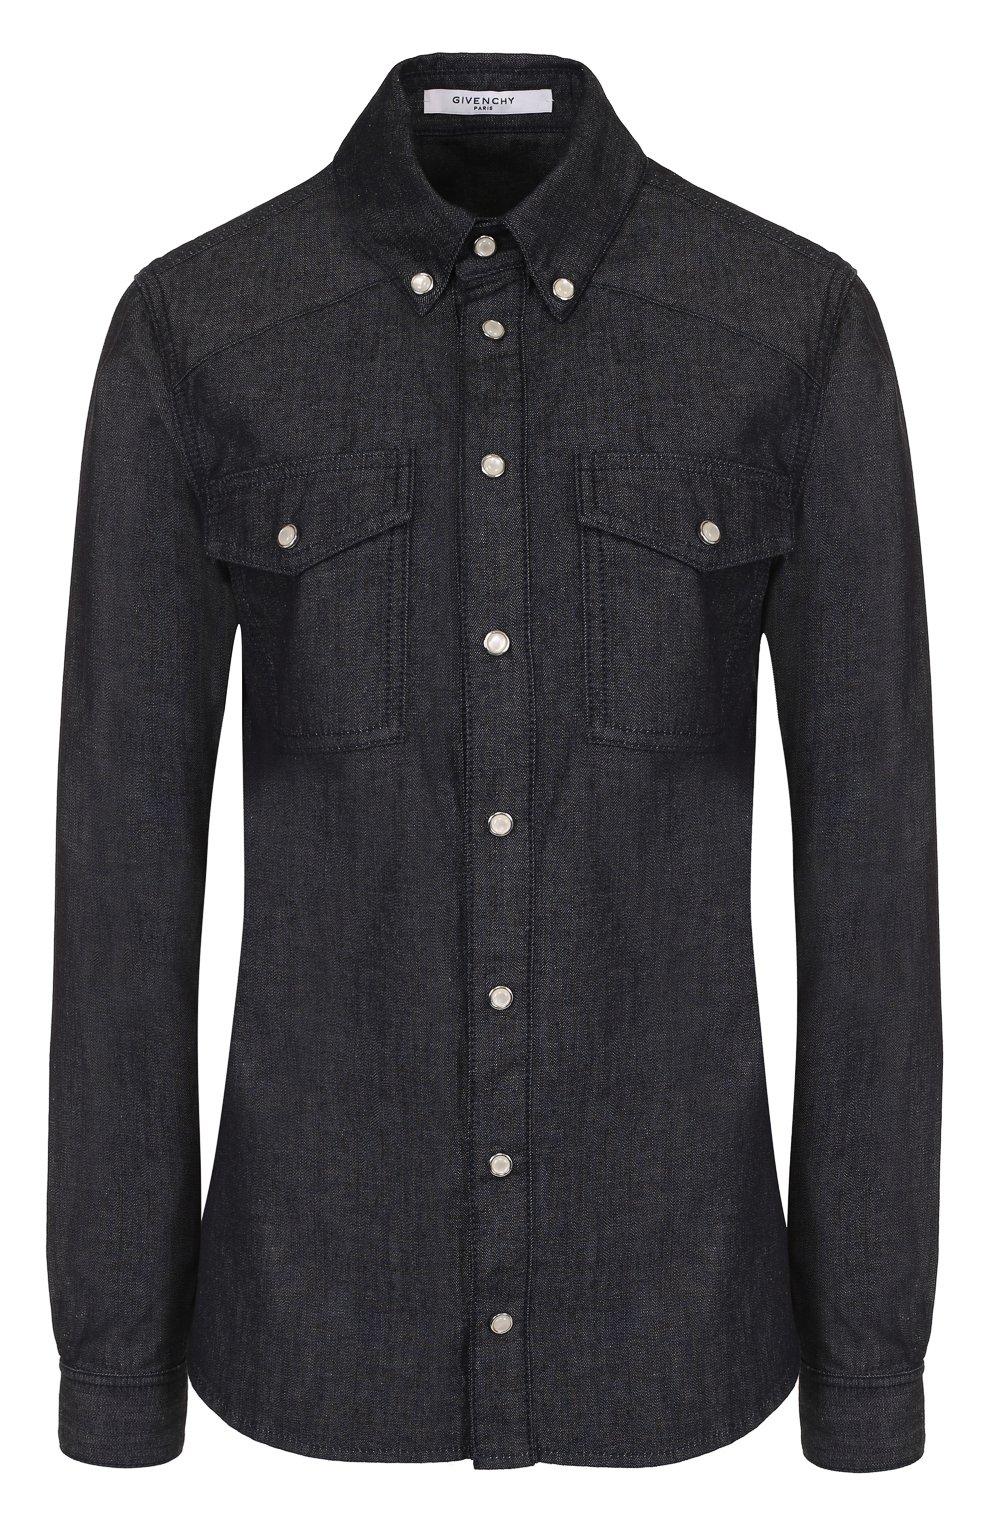 54e1ee0e6df Женская синяя приталенная джинсовая блуза с логотипом бренда ...